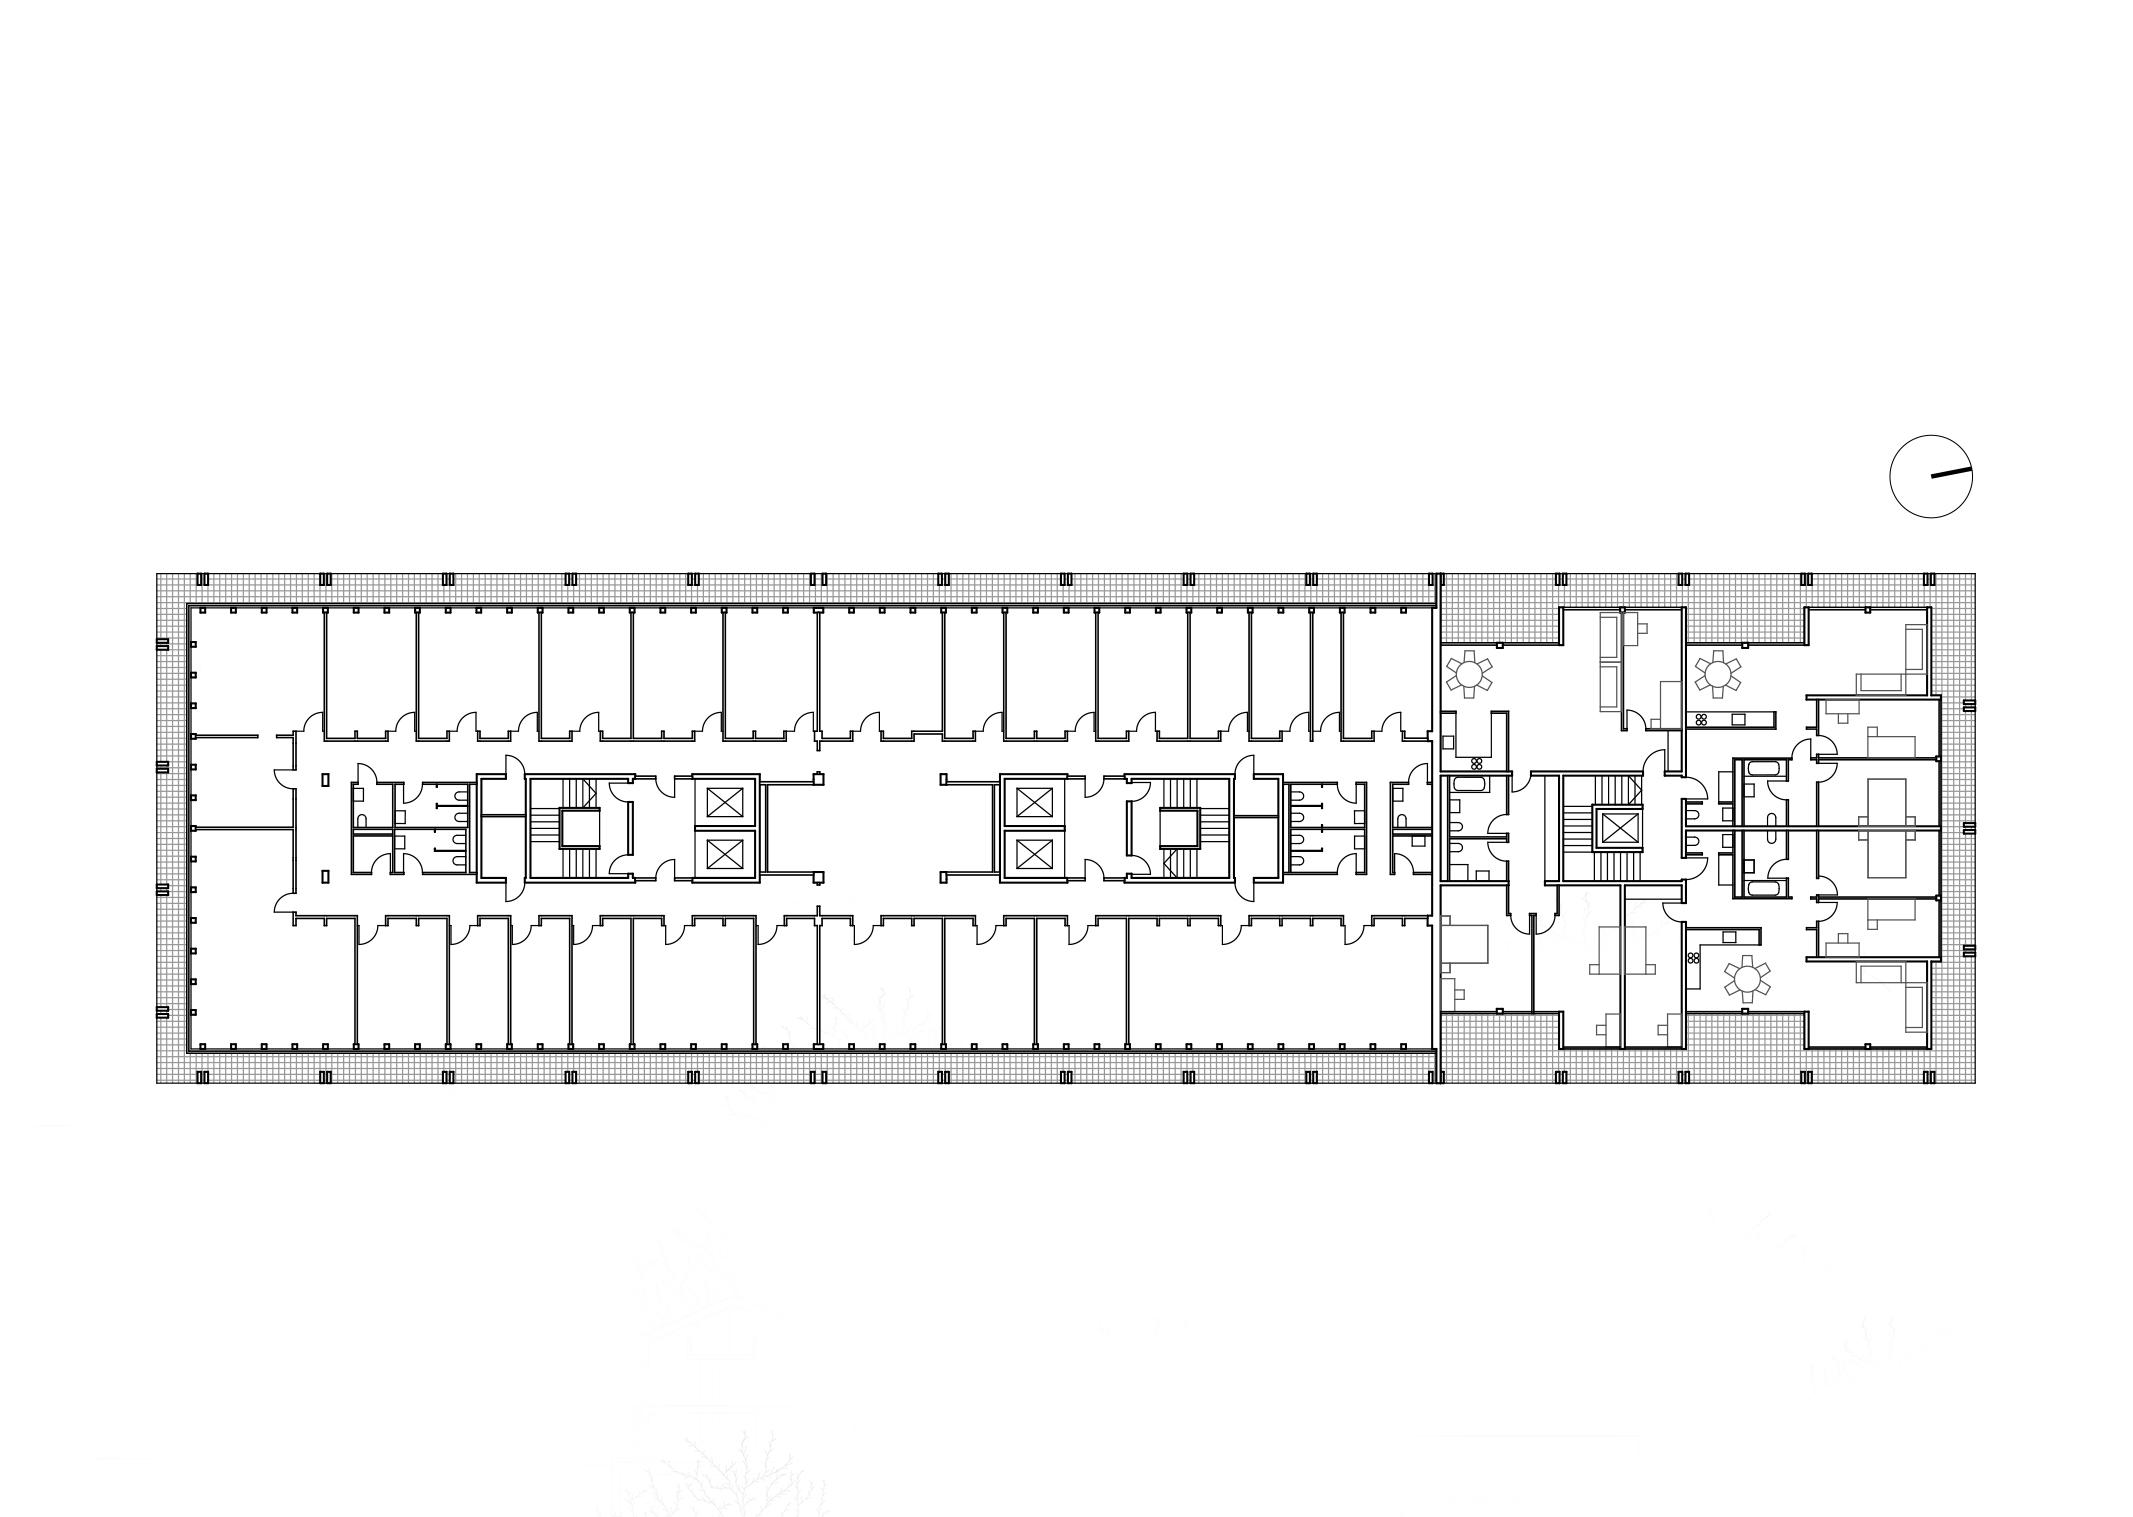 13-561-typologie-1_500